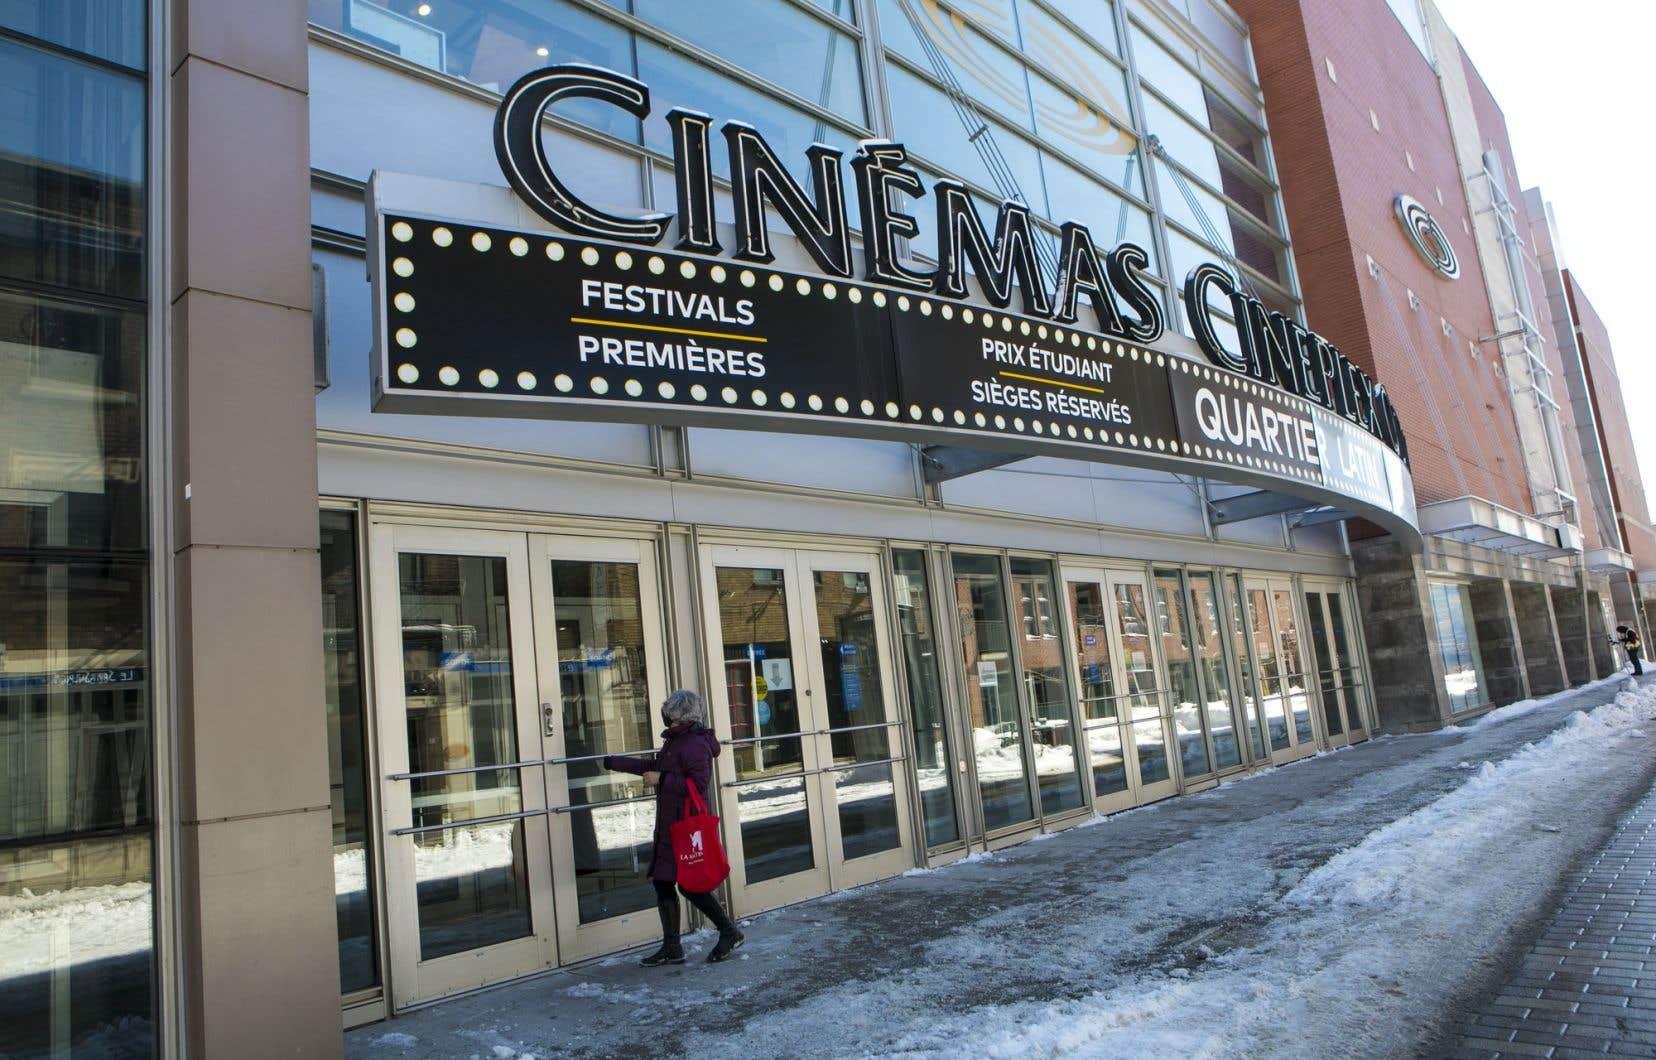 Le retour à un couvre-feu à 20h, avec lequel ils avaient déjà dû composer le mois dernier, plonge aussi les propriétaires de cinéma dans la tourmente.